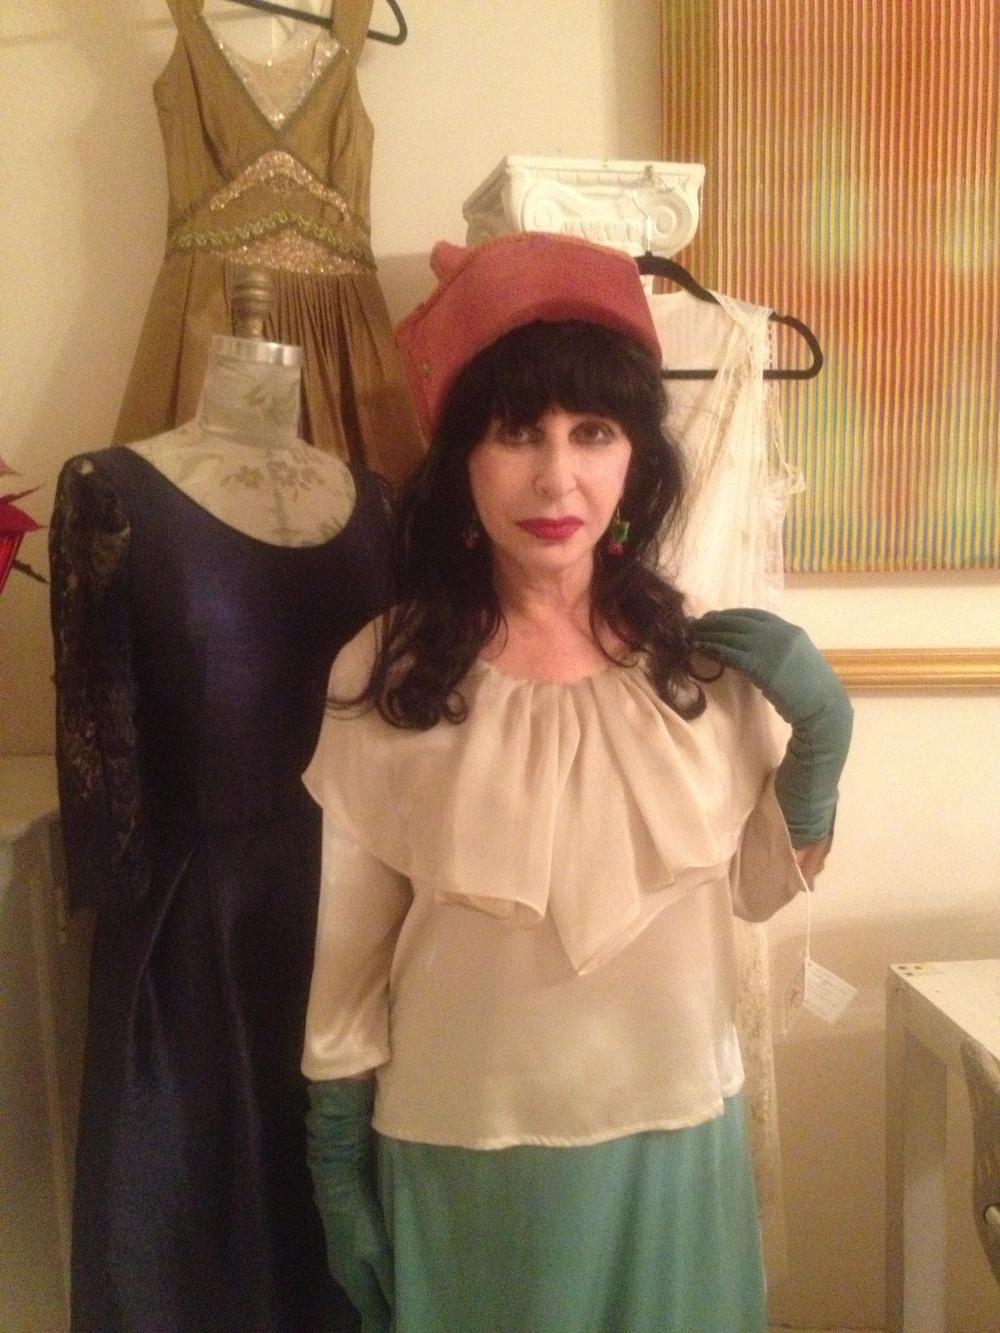 Colette wearing Pierrot Blouse